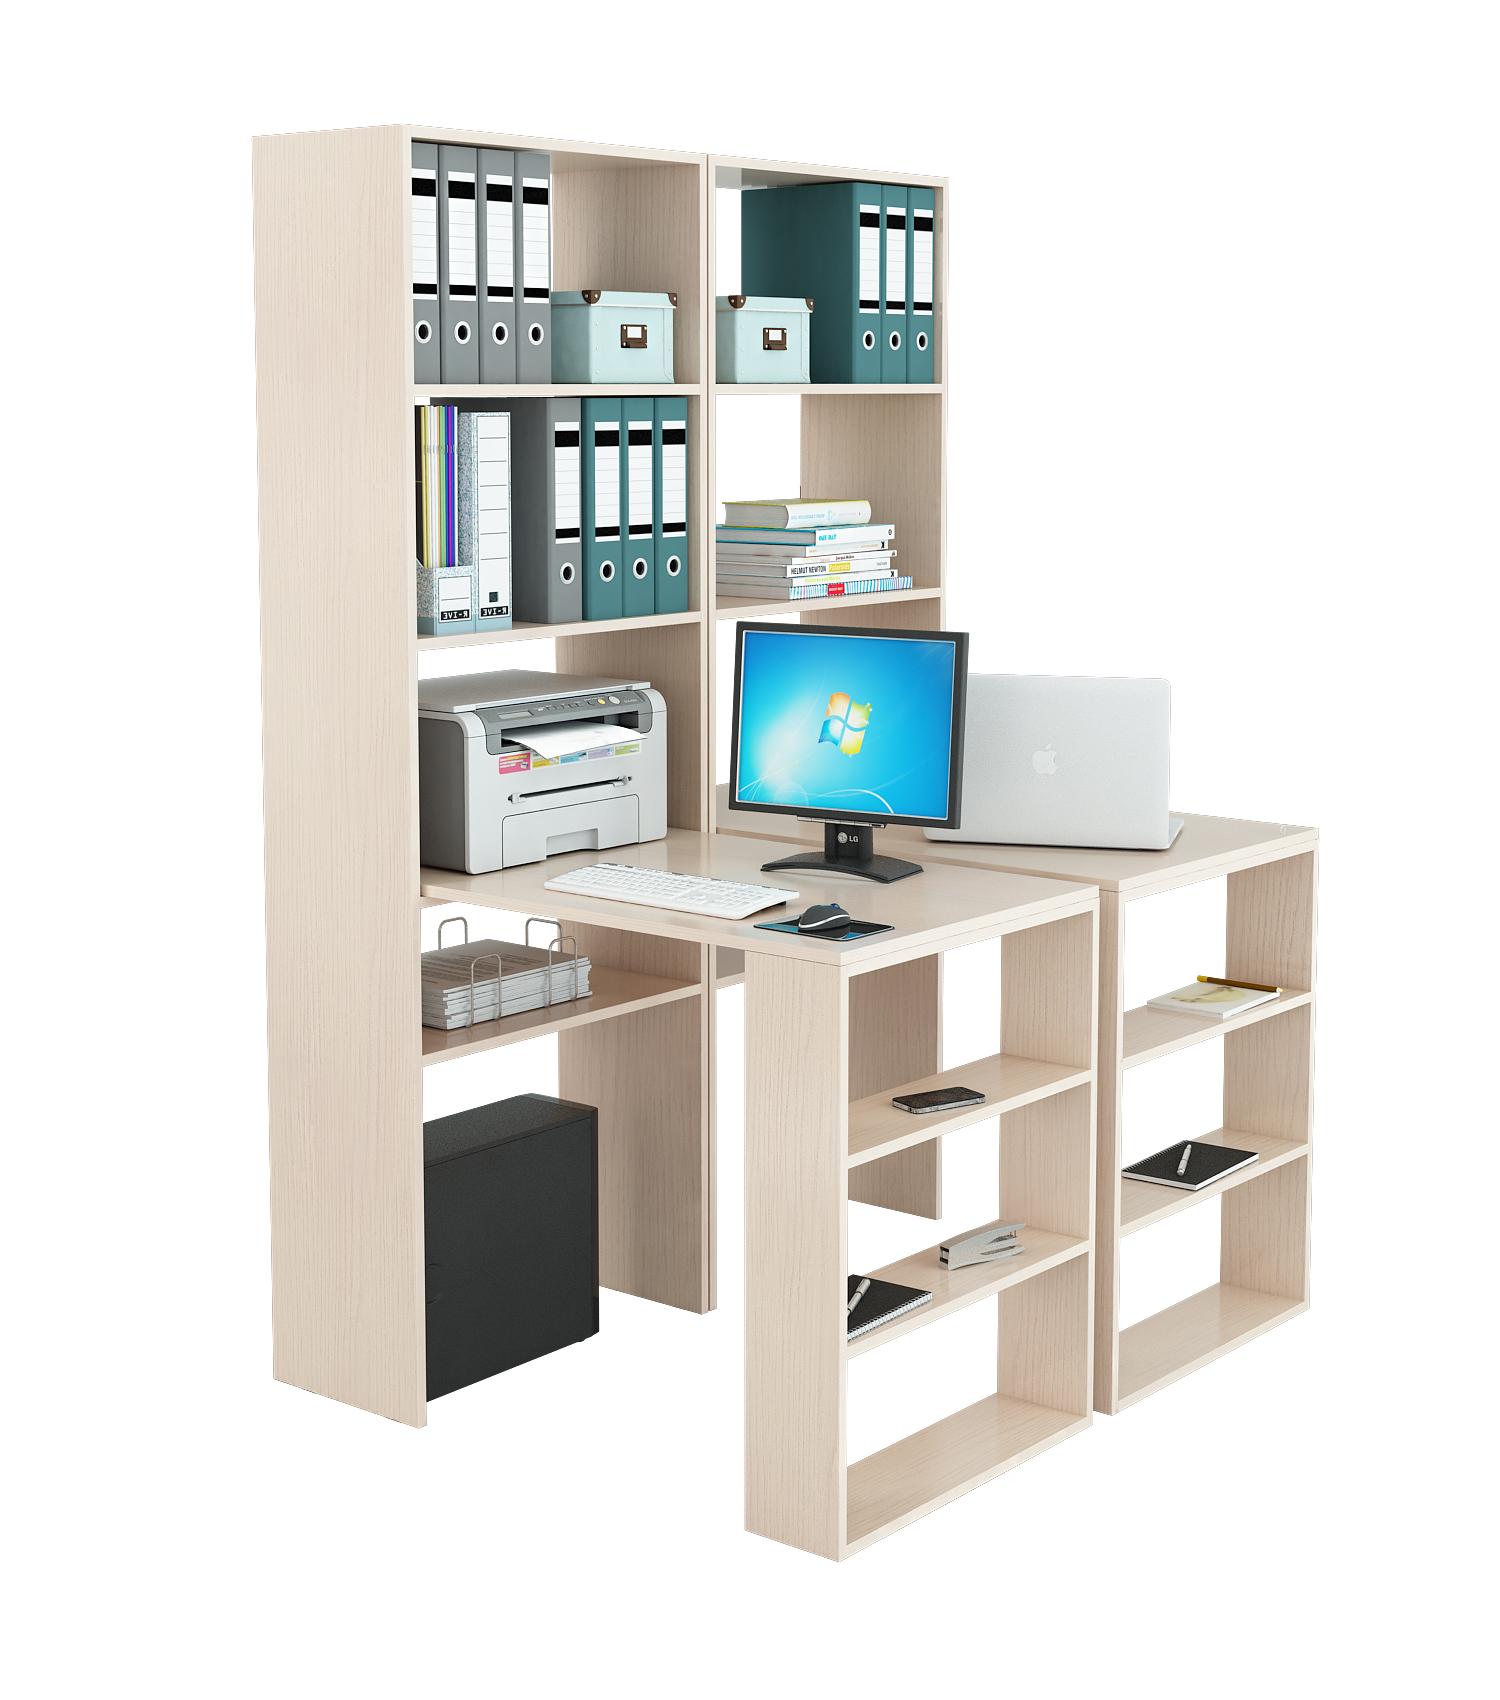 Компьютерный стол в комплекте МФ Мастер Рикс-4 126,4x90x177, дуб молочный